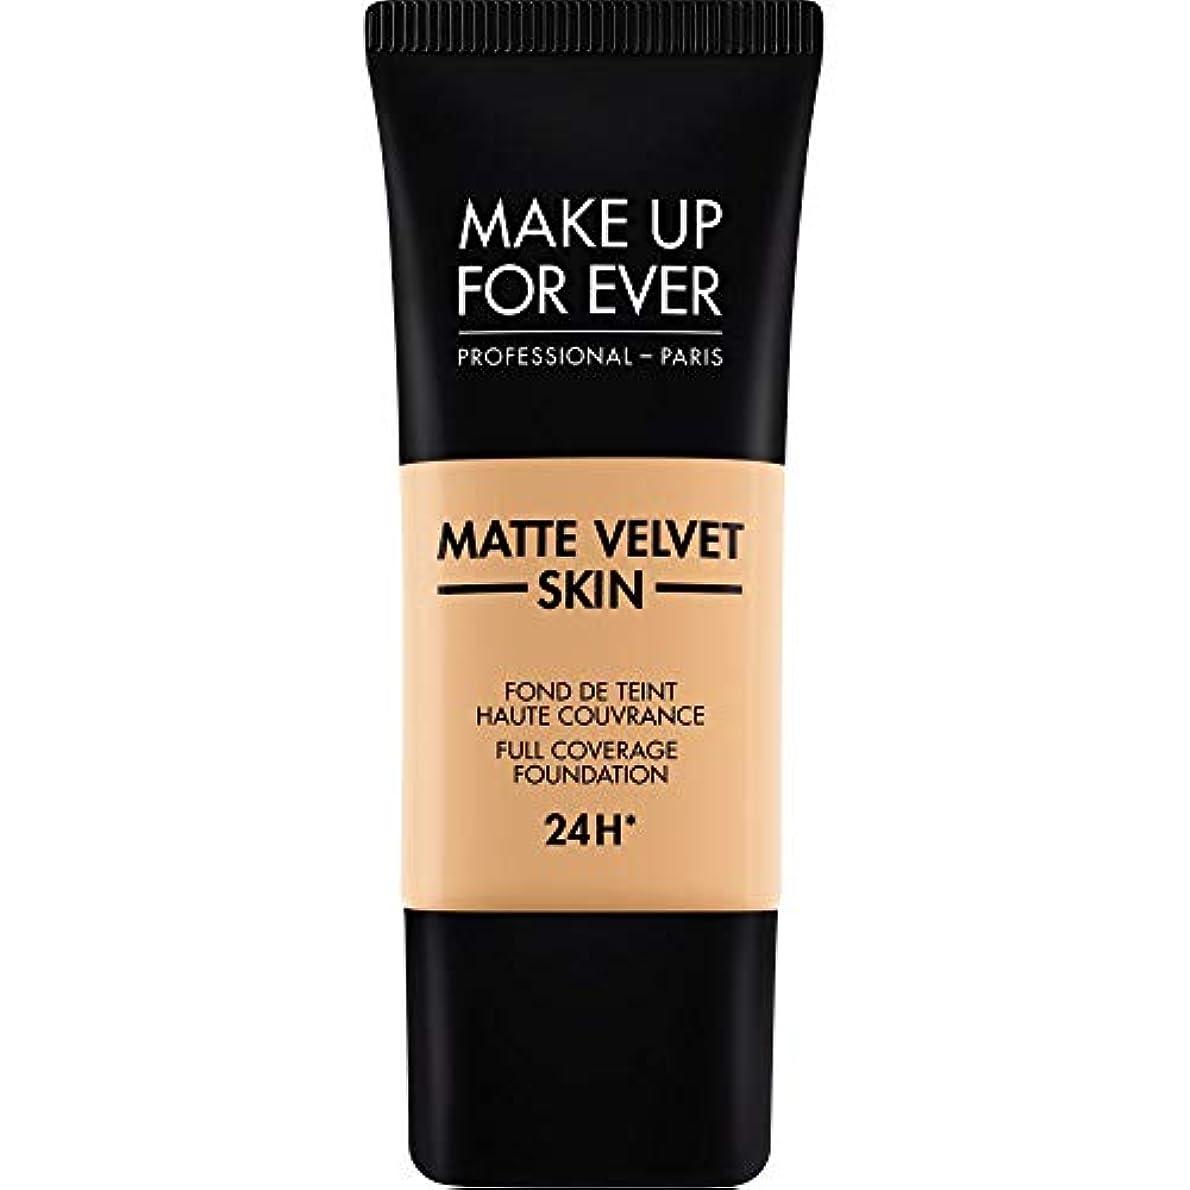 いつもサイレン届ける[MAKE UP FOR EVER] これまでマットベルベットの皮膚のフルカバレッジ基礎30ミリリットルのY315を補う - 砂 - MAKE UP FOR EVER Matte Velvet Skin Full Coverage...